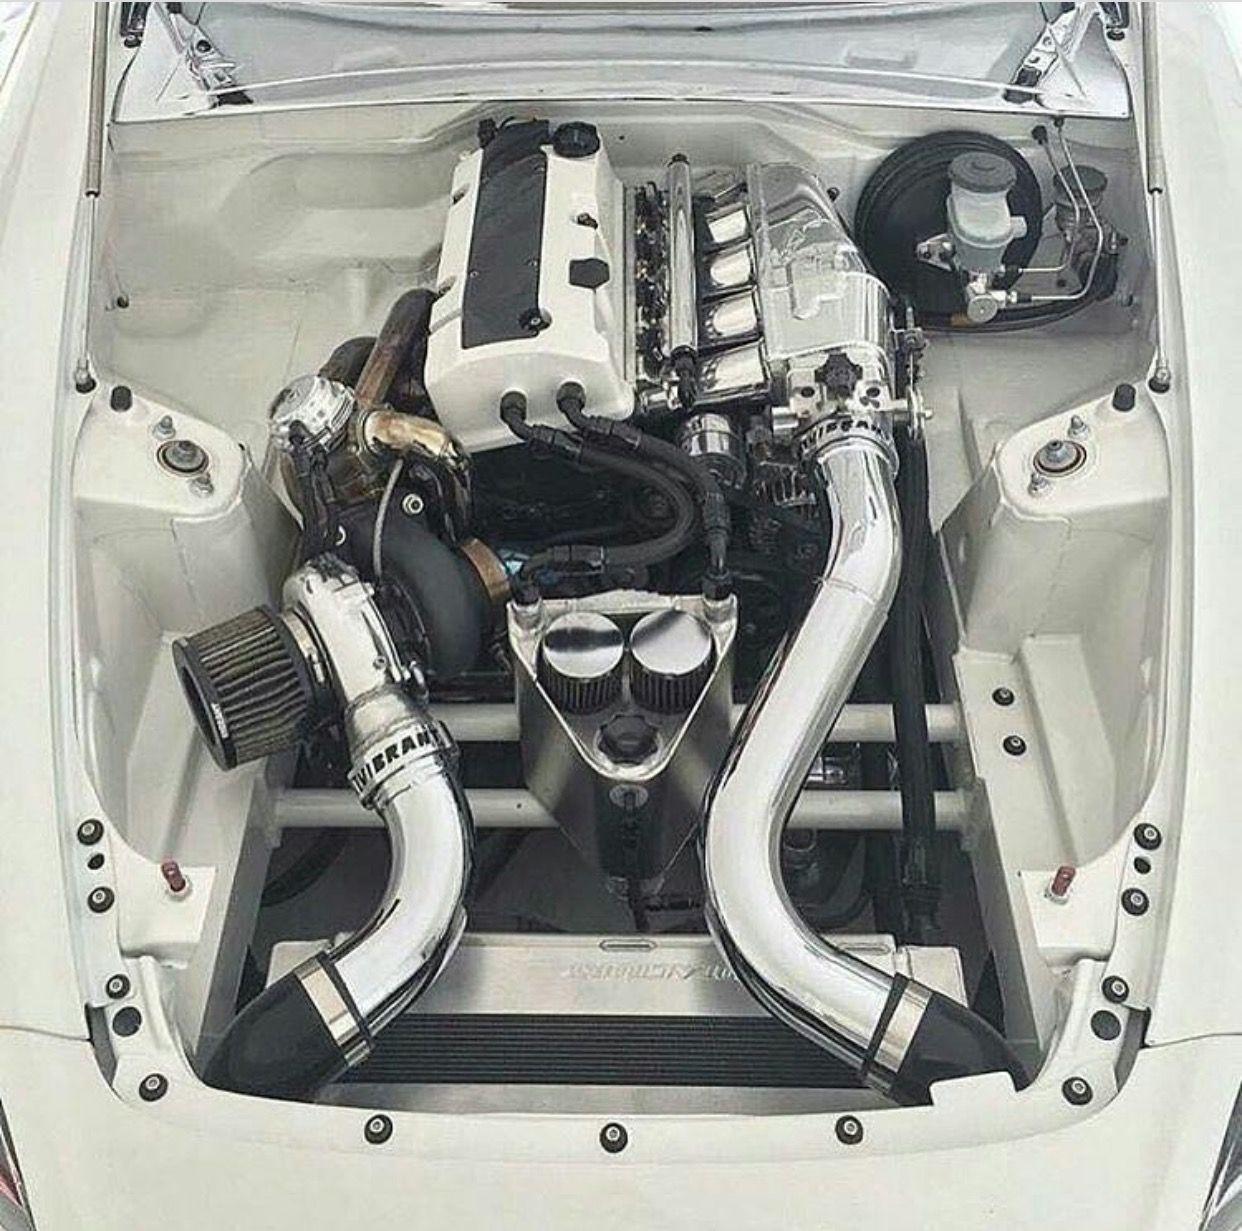 F20c Turbo Jdm Engines Engineering Turbo